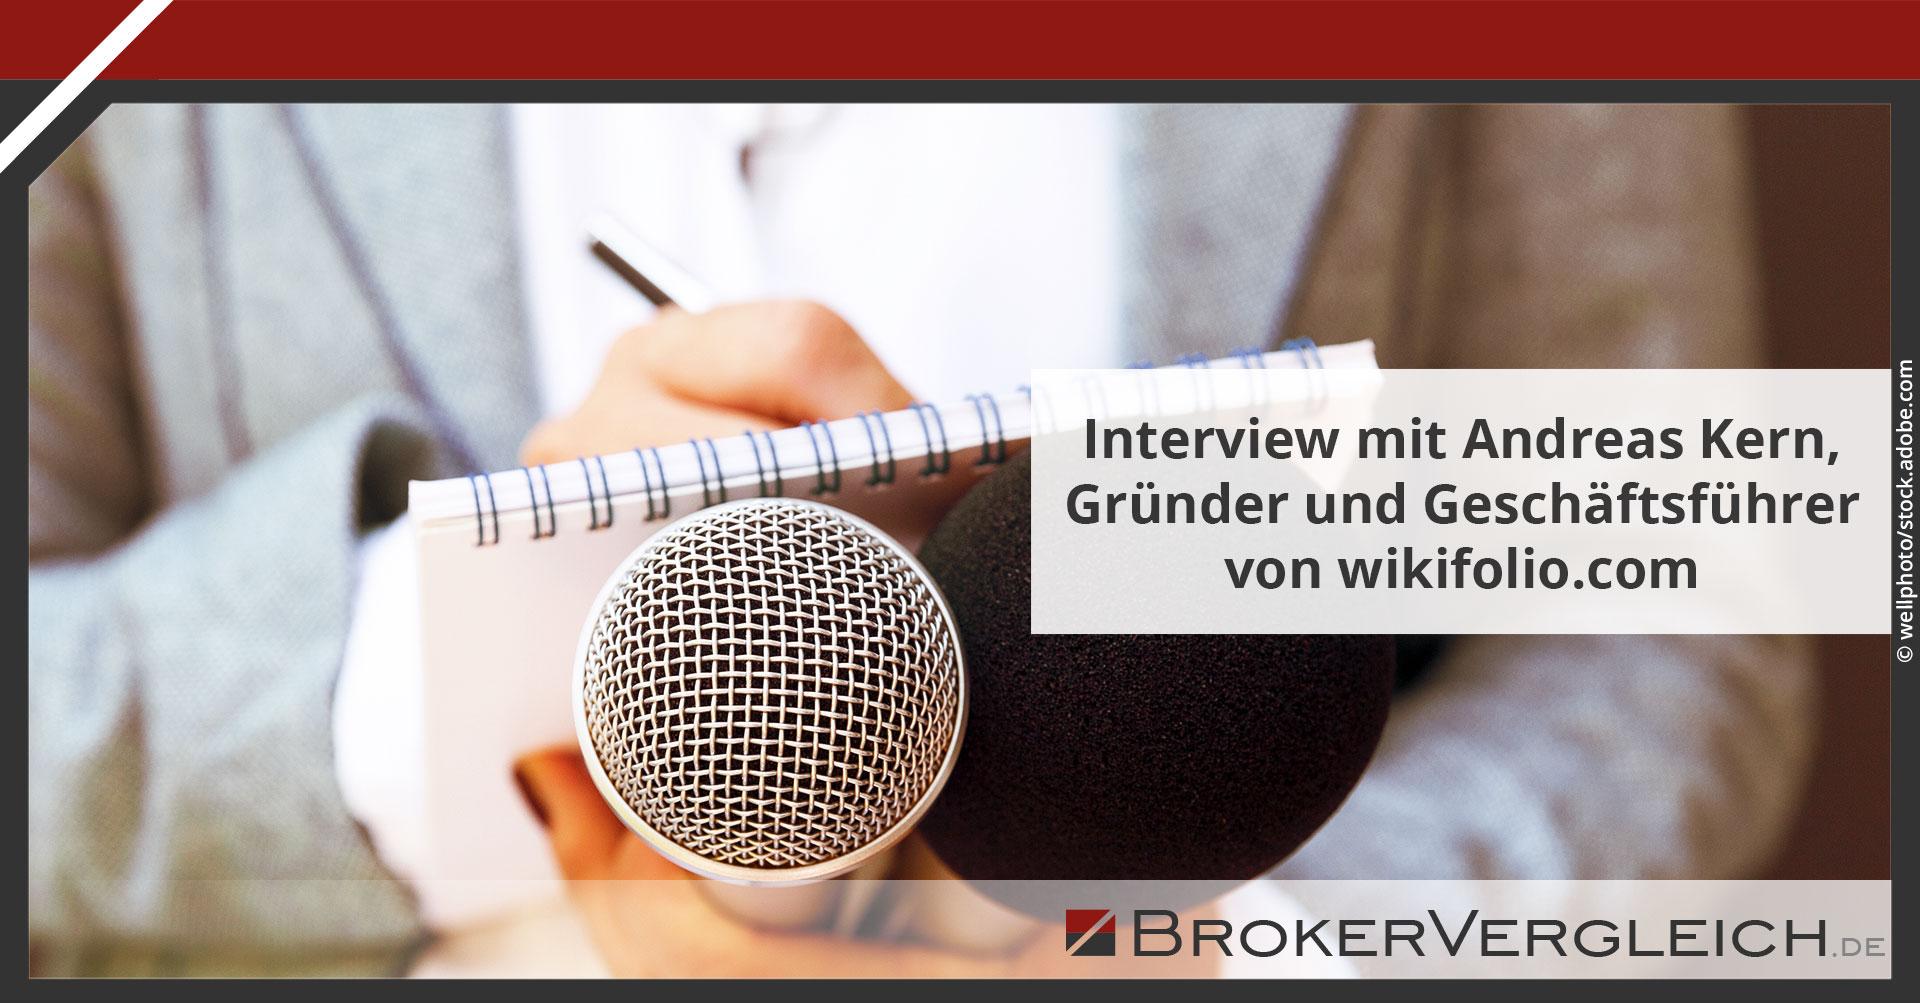 Zum Beitrag - Interview mit Andreas Kern, Gründer und Geschäftsführer von wikifolio.com